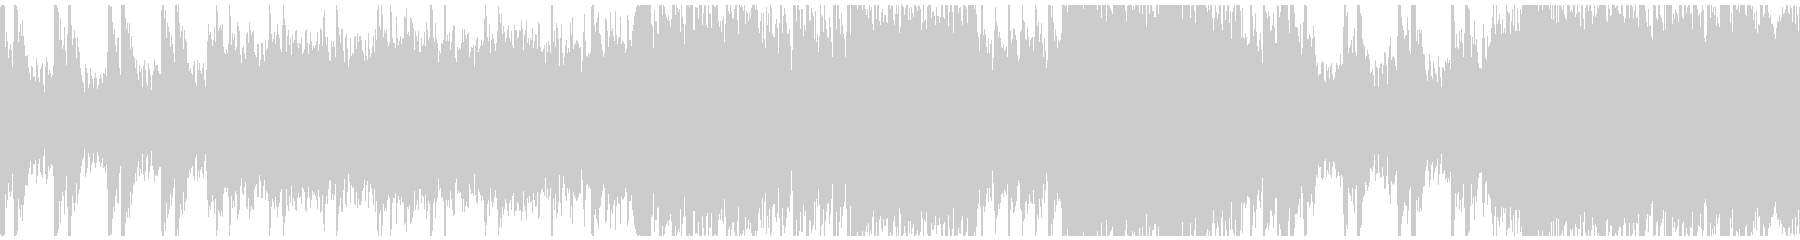 情熱的なオーケストラワルツ(ループ)の未再生の波形